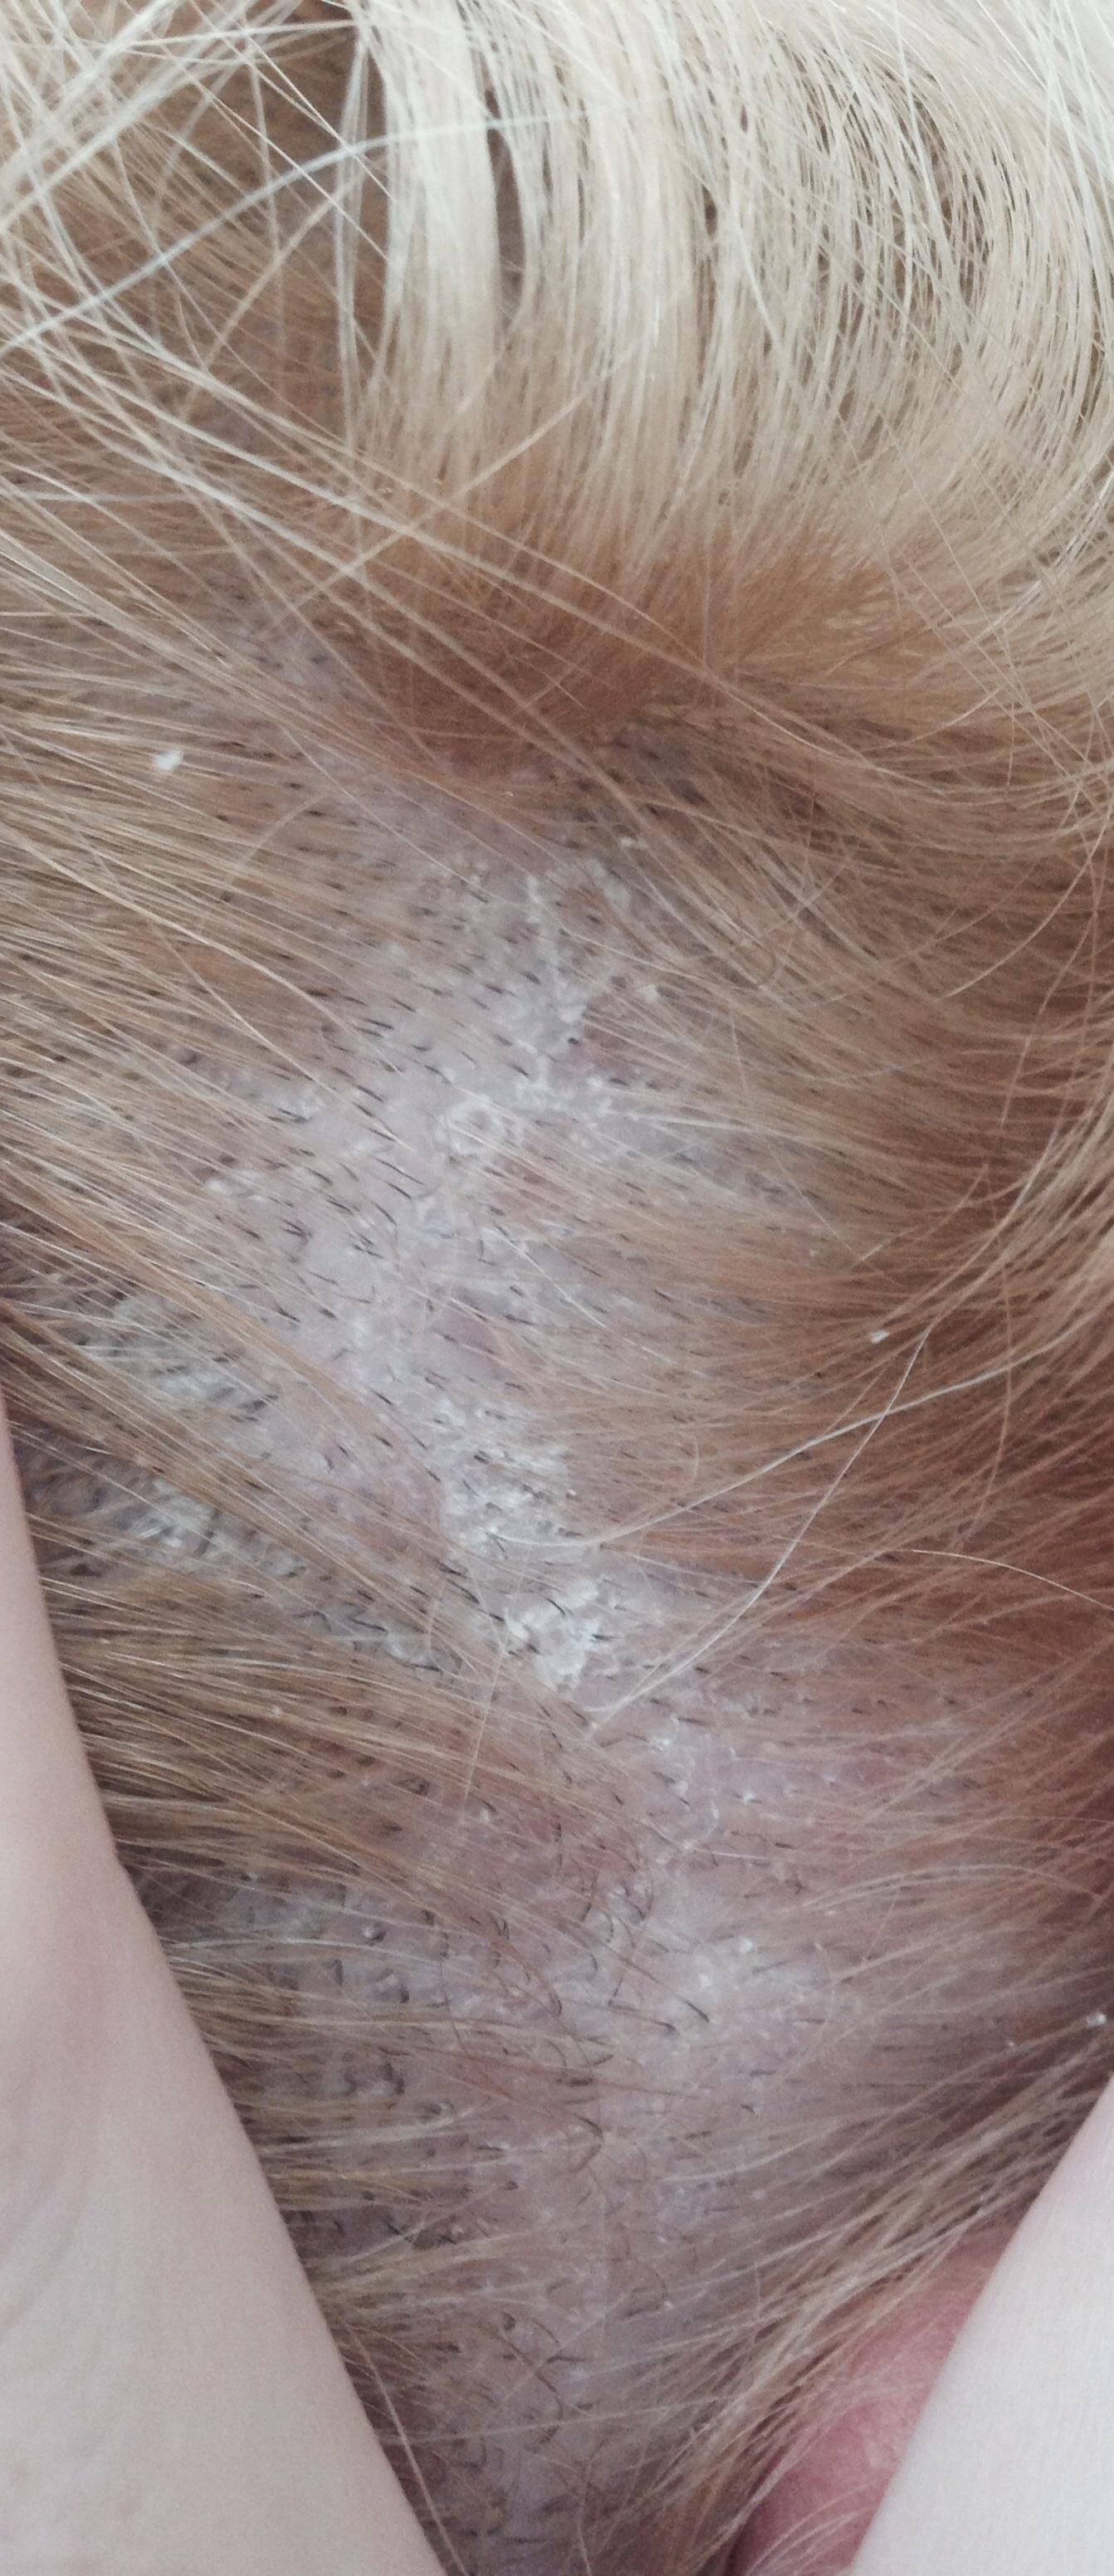 Klebrige Stellen/Schuppen auf der Kopfhaut